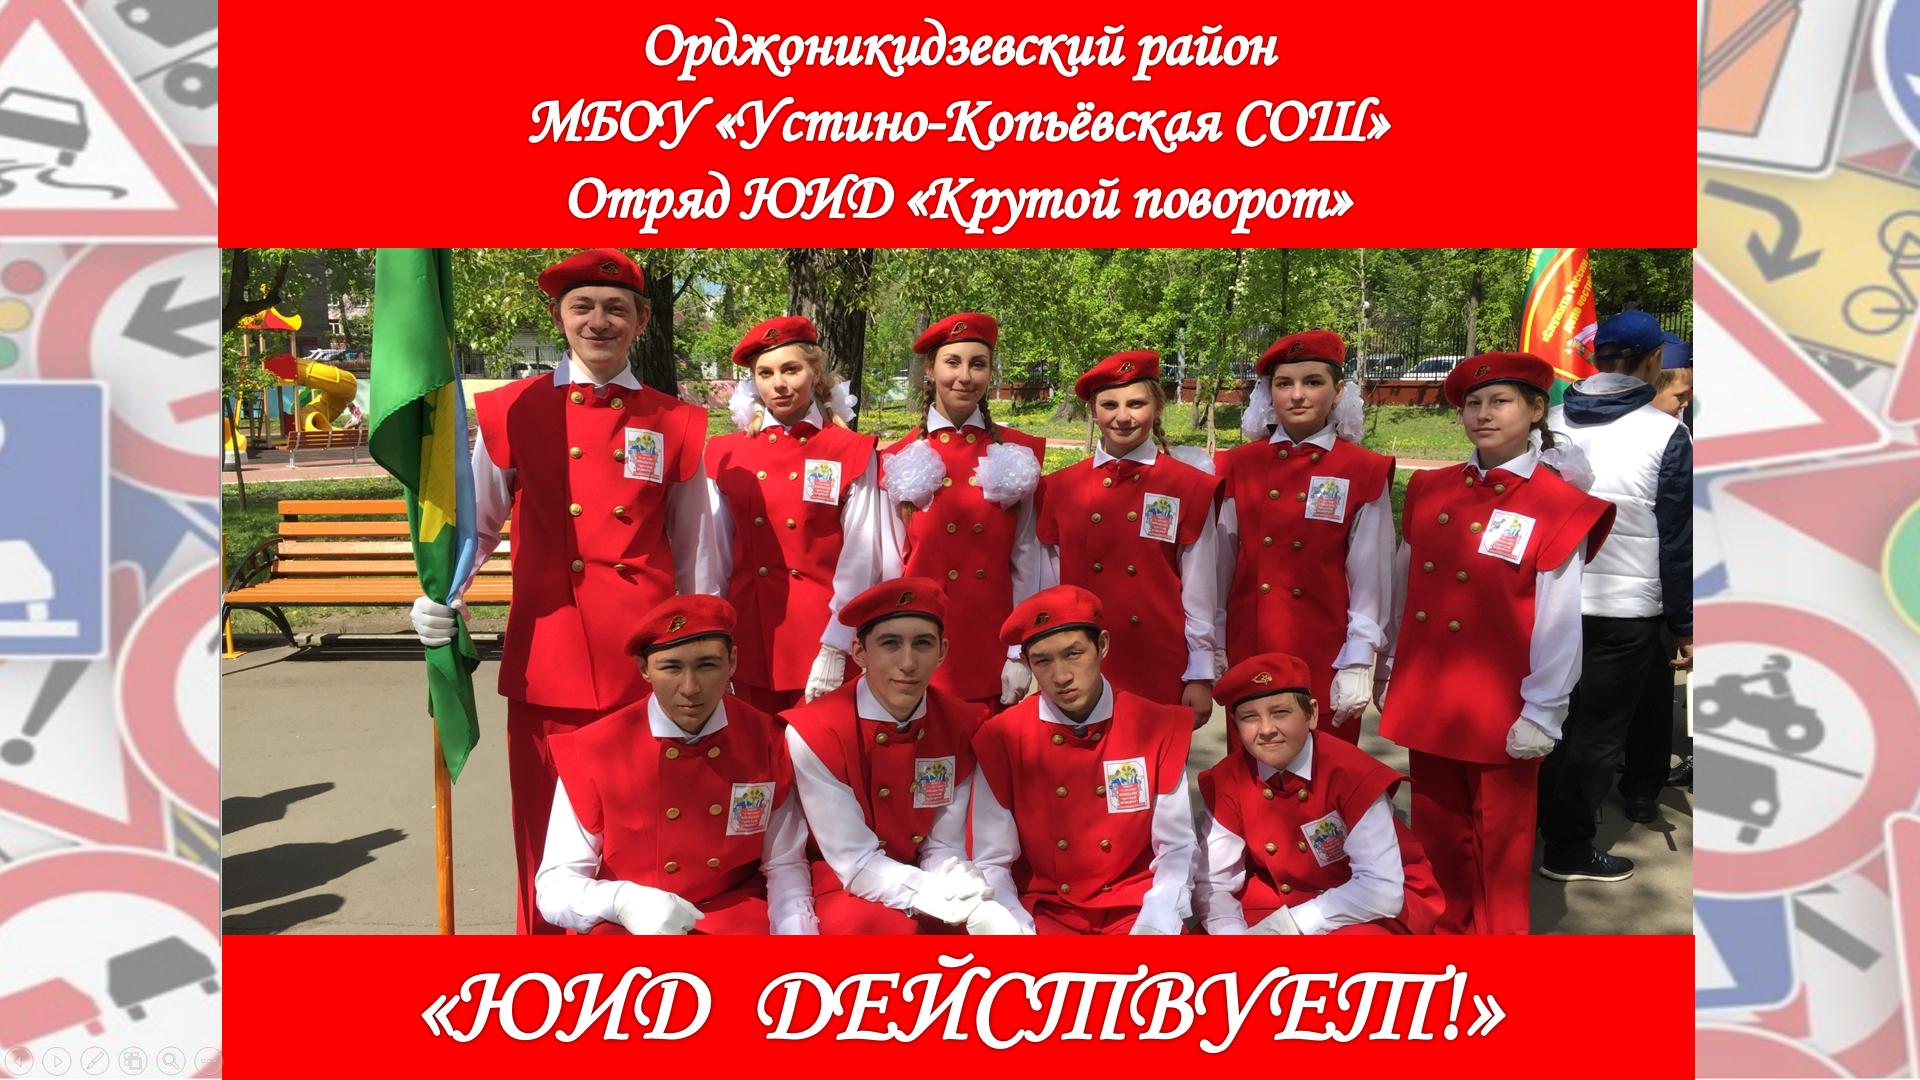 Определены победители и призеры республиканского слета отрядов ЮИД «Мы за безопасность!», посвящённый празднованию 75-й годовщины Победы в Великой Отечественной войне 1941-1945 годов